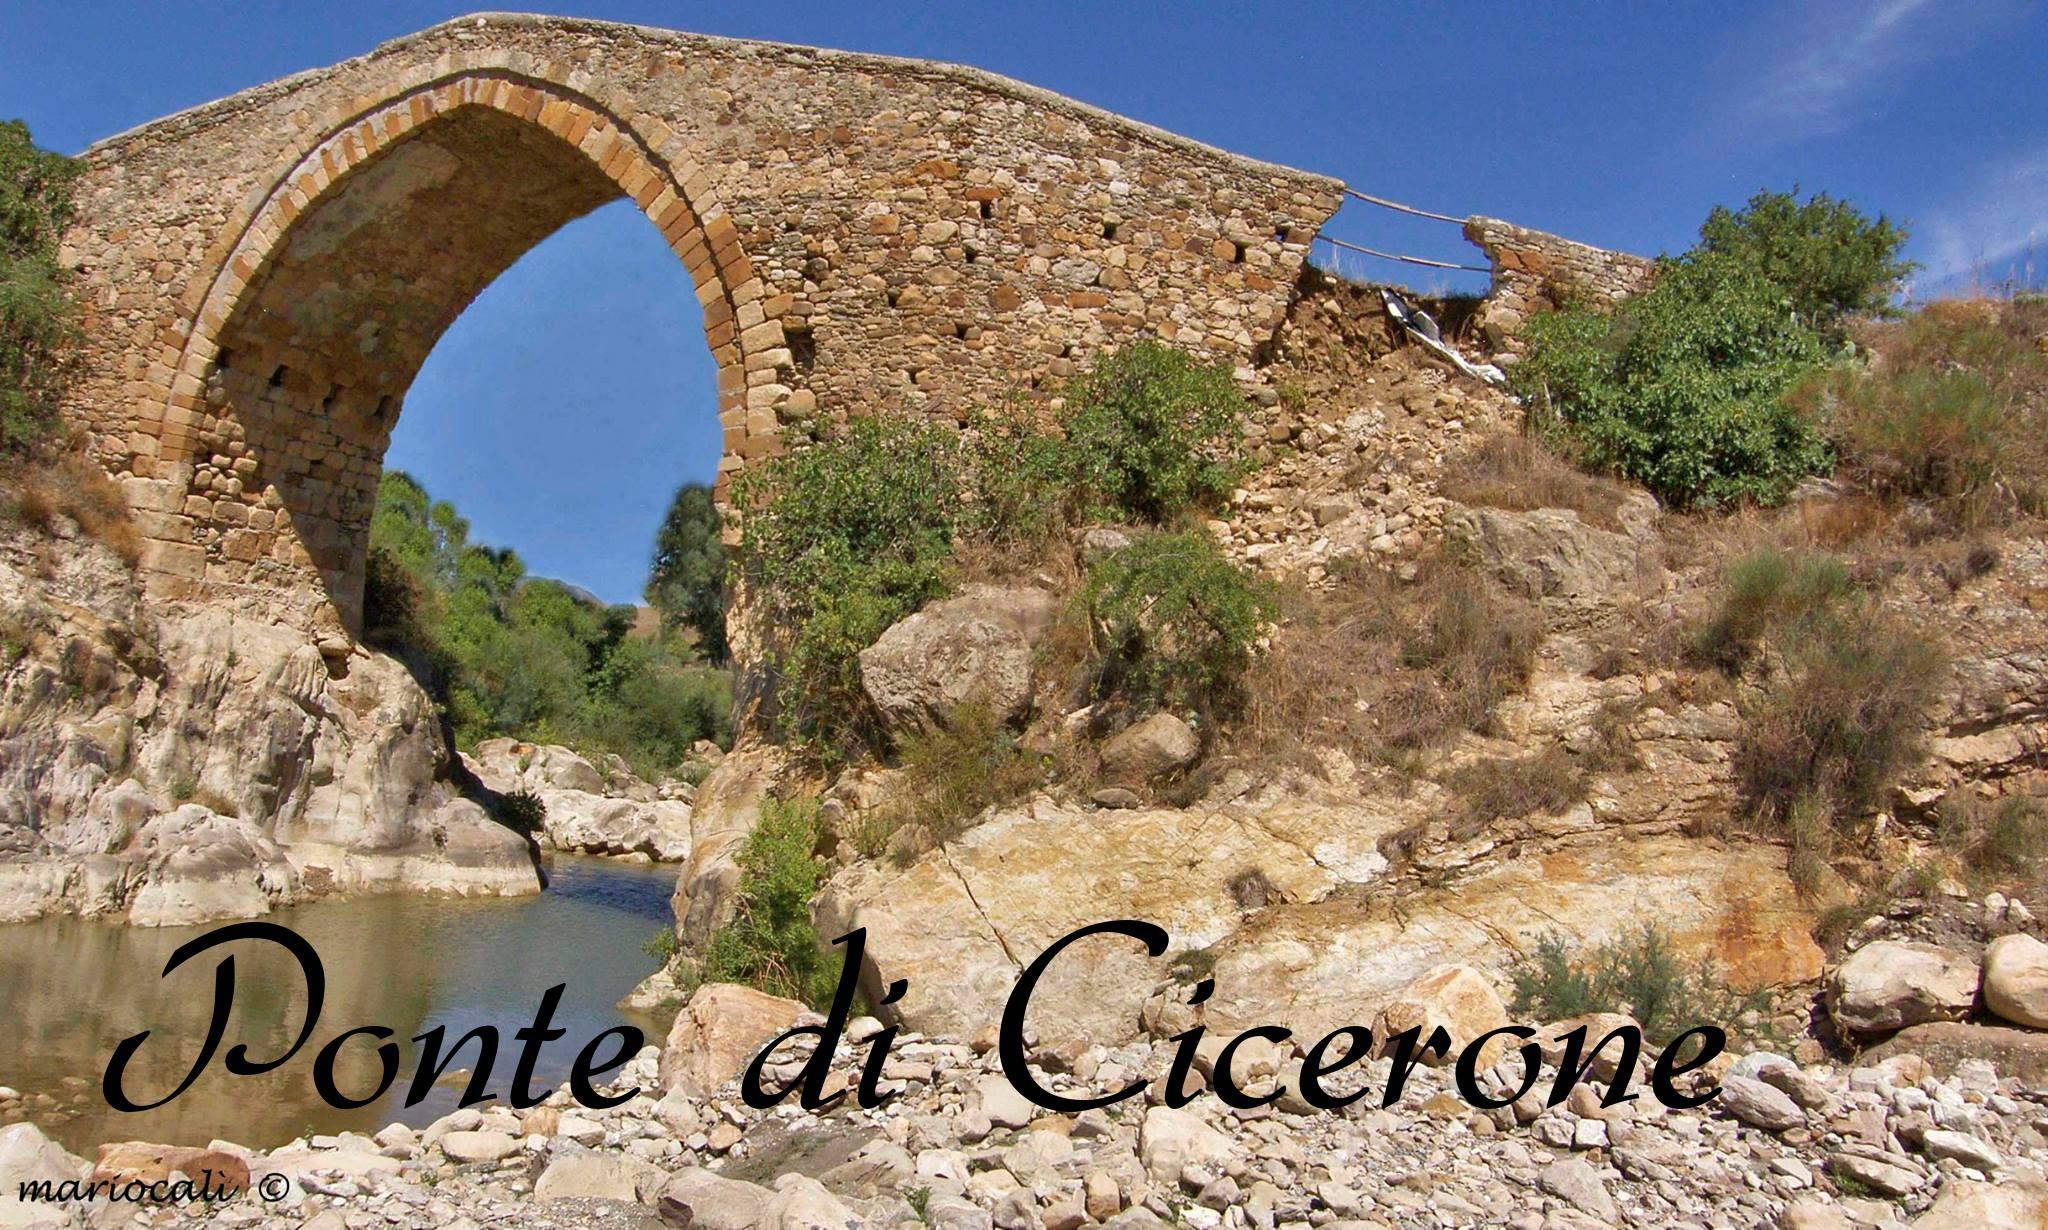 Sentieri arabi e normanni for Foto di ponti coperti